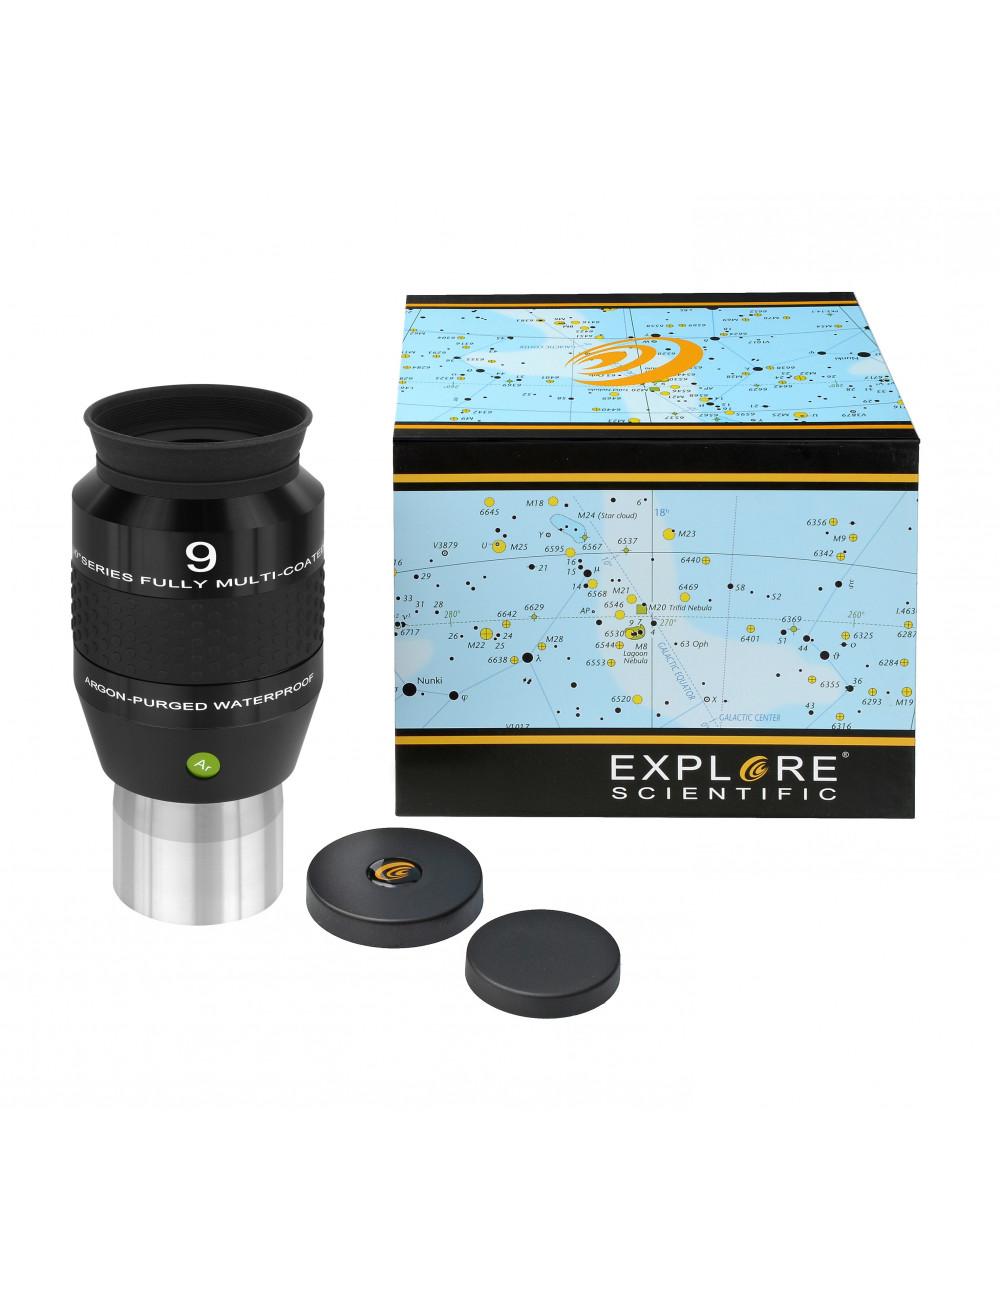 Oculaire Explore Scientific 9mm 120° Argon